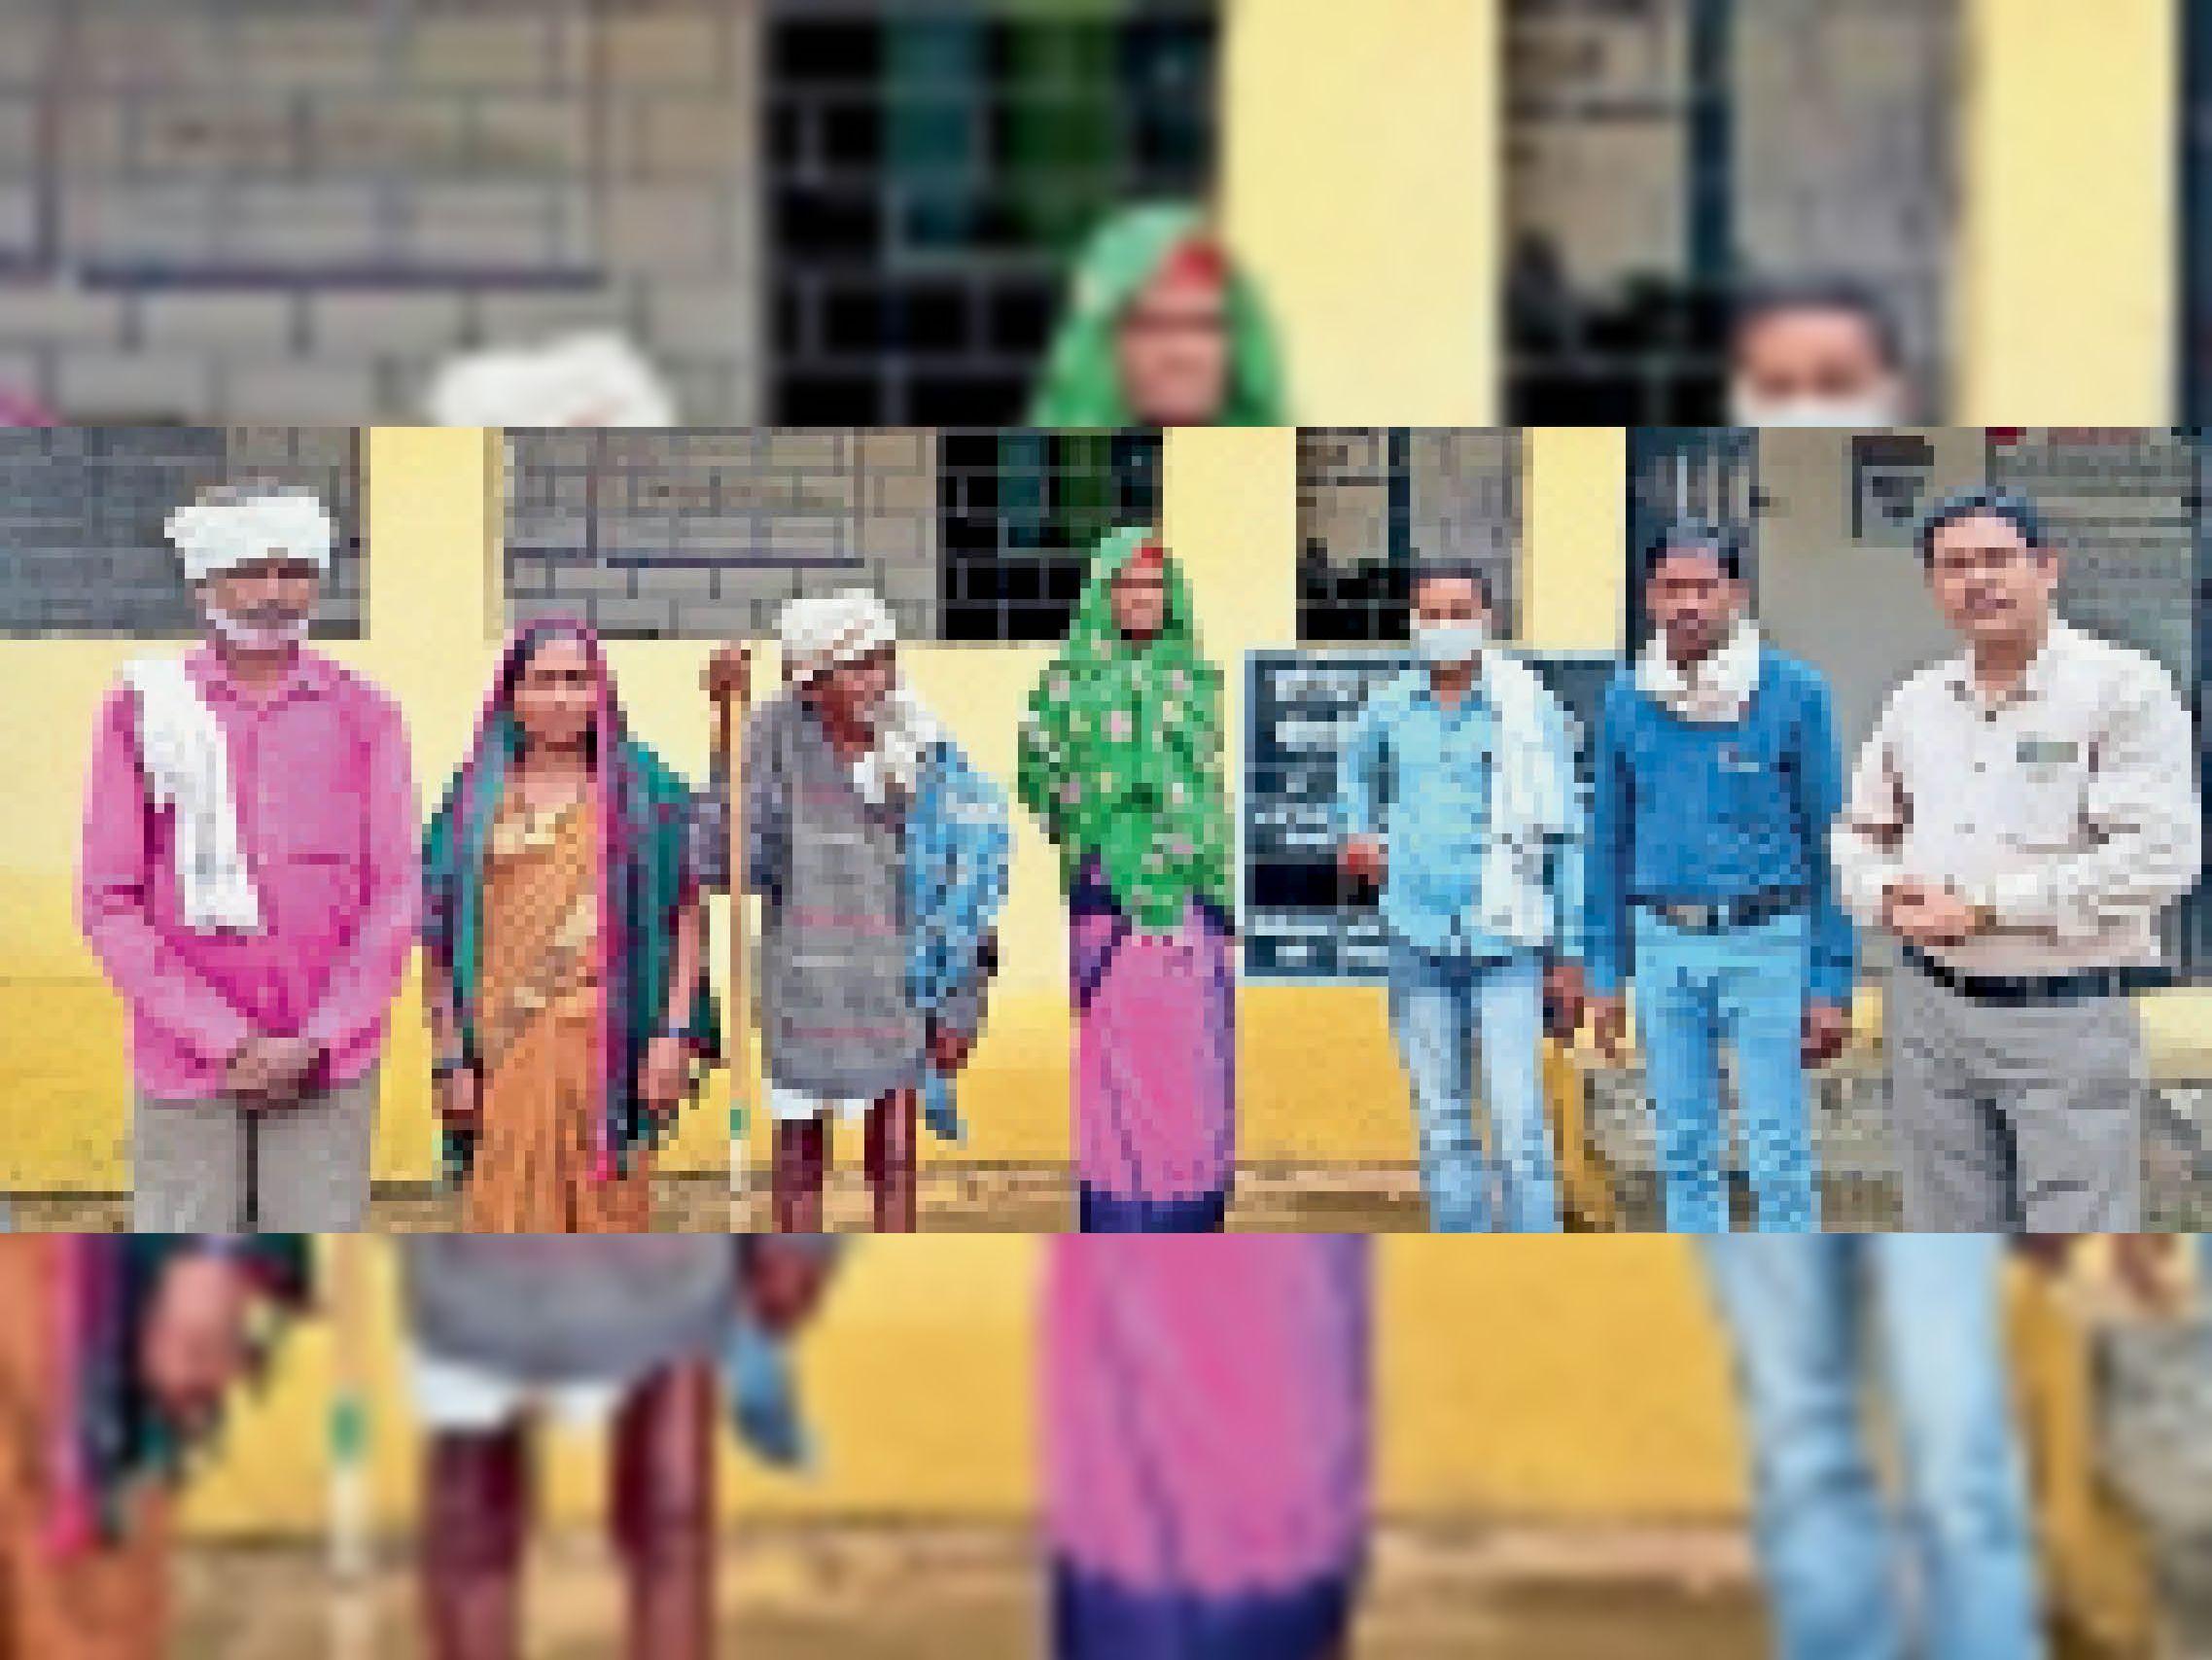 करूणा कार्यक्रम के तहत बुजुर्ग महिला की हुई घर वापसी। - Dainik Bhaskar